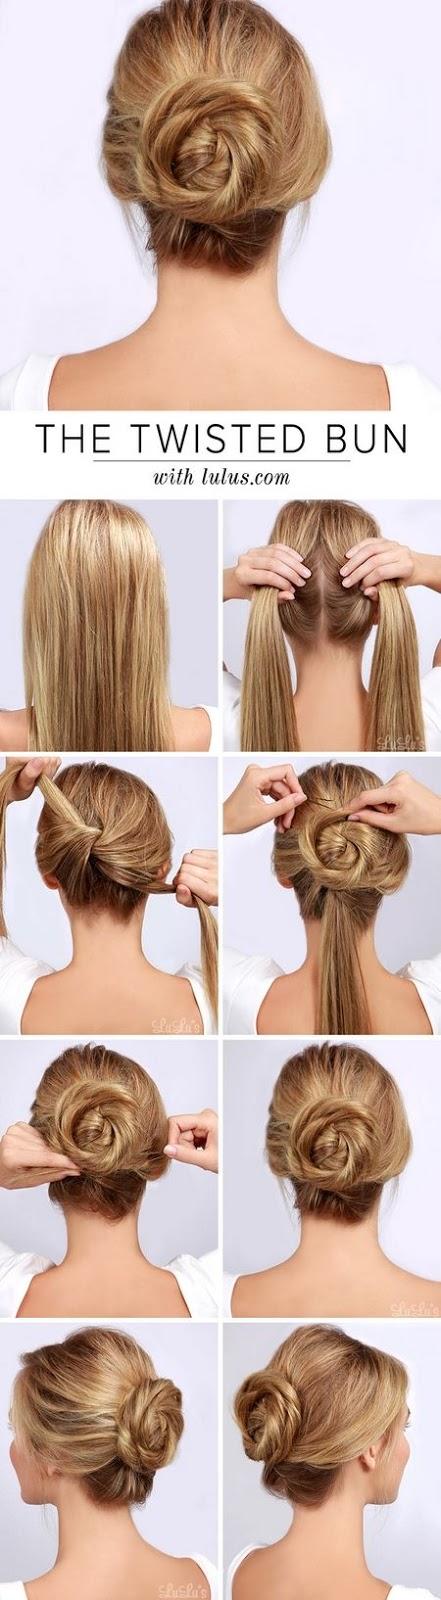 penteado coque simples